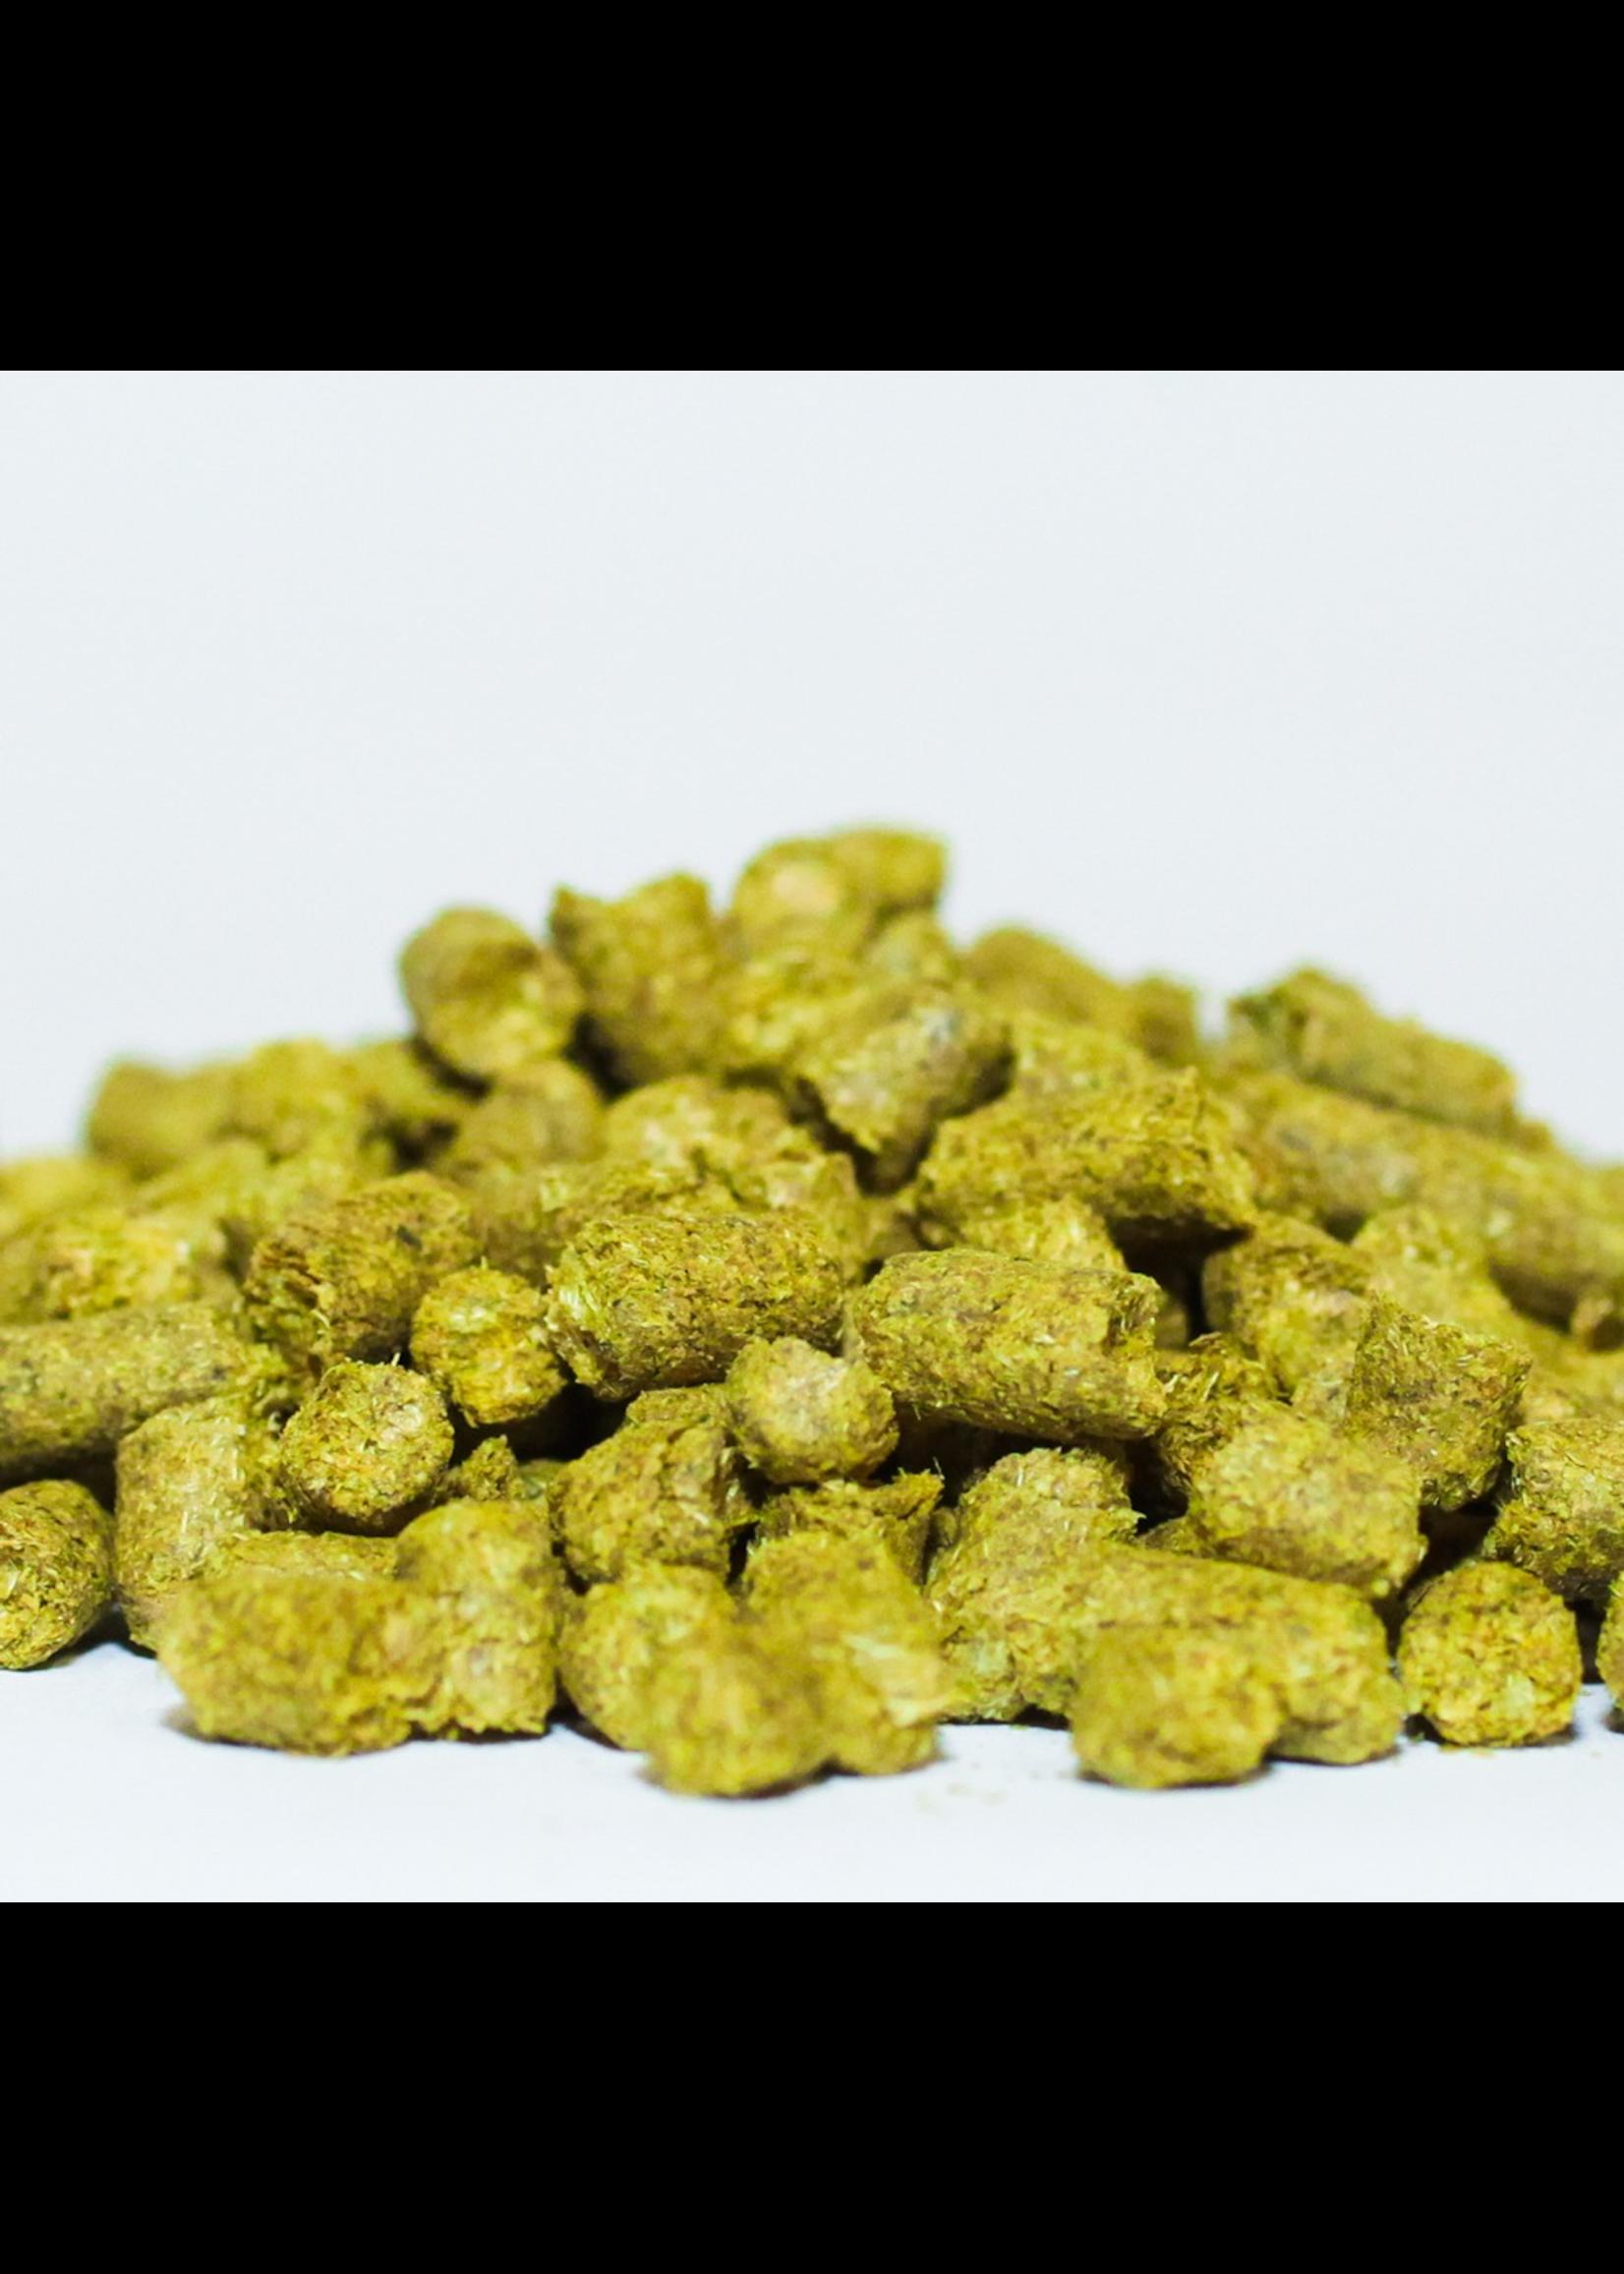 Hops Ekuanot Hops (US) - Pellets - 1 oz